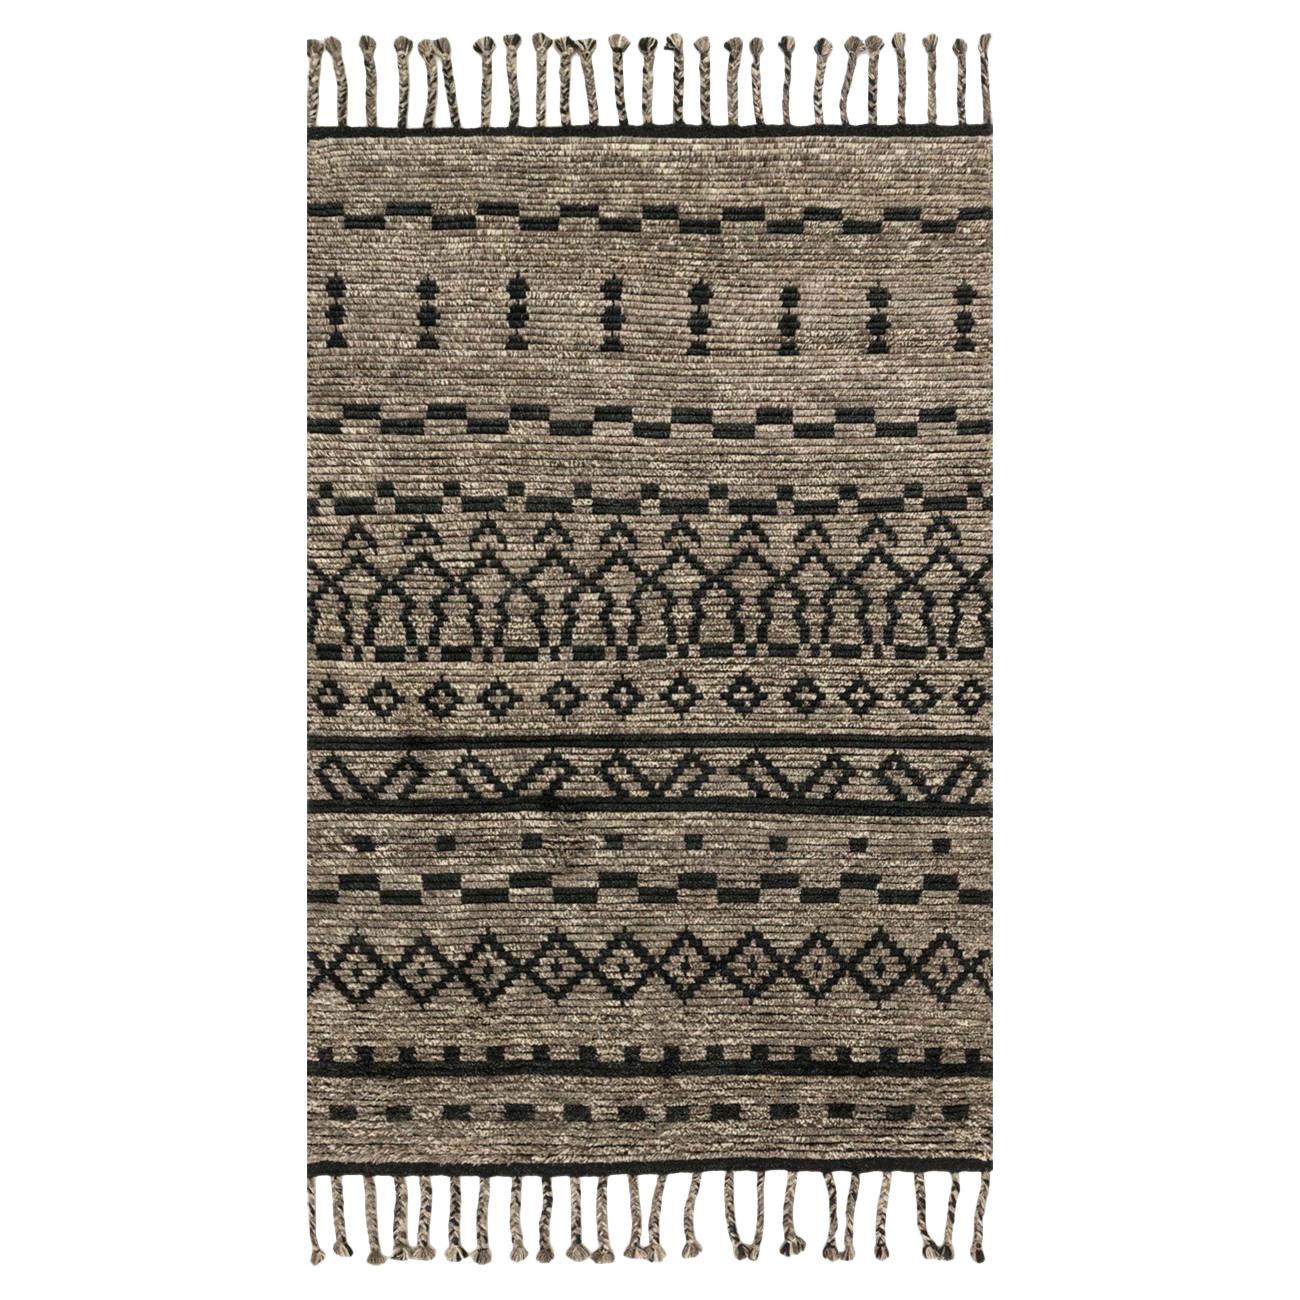 Viento Global Natural Wool Black Rug - 8'6x11'6